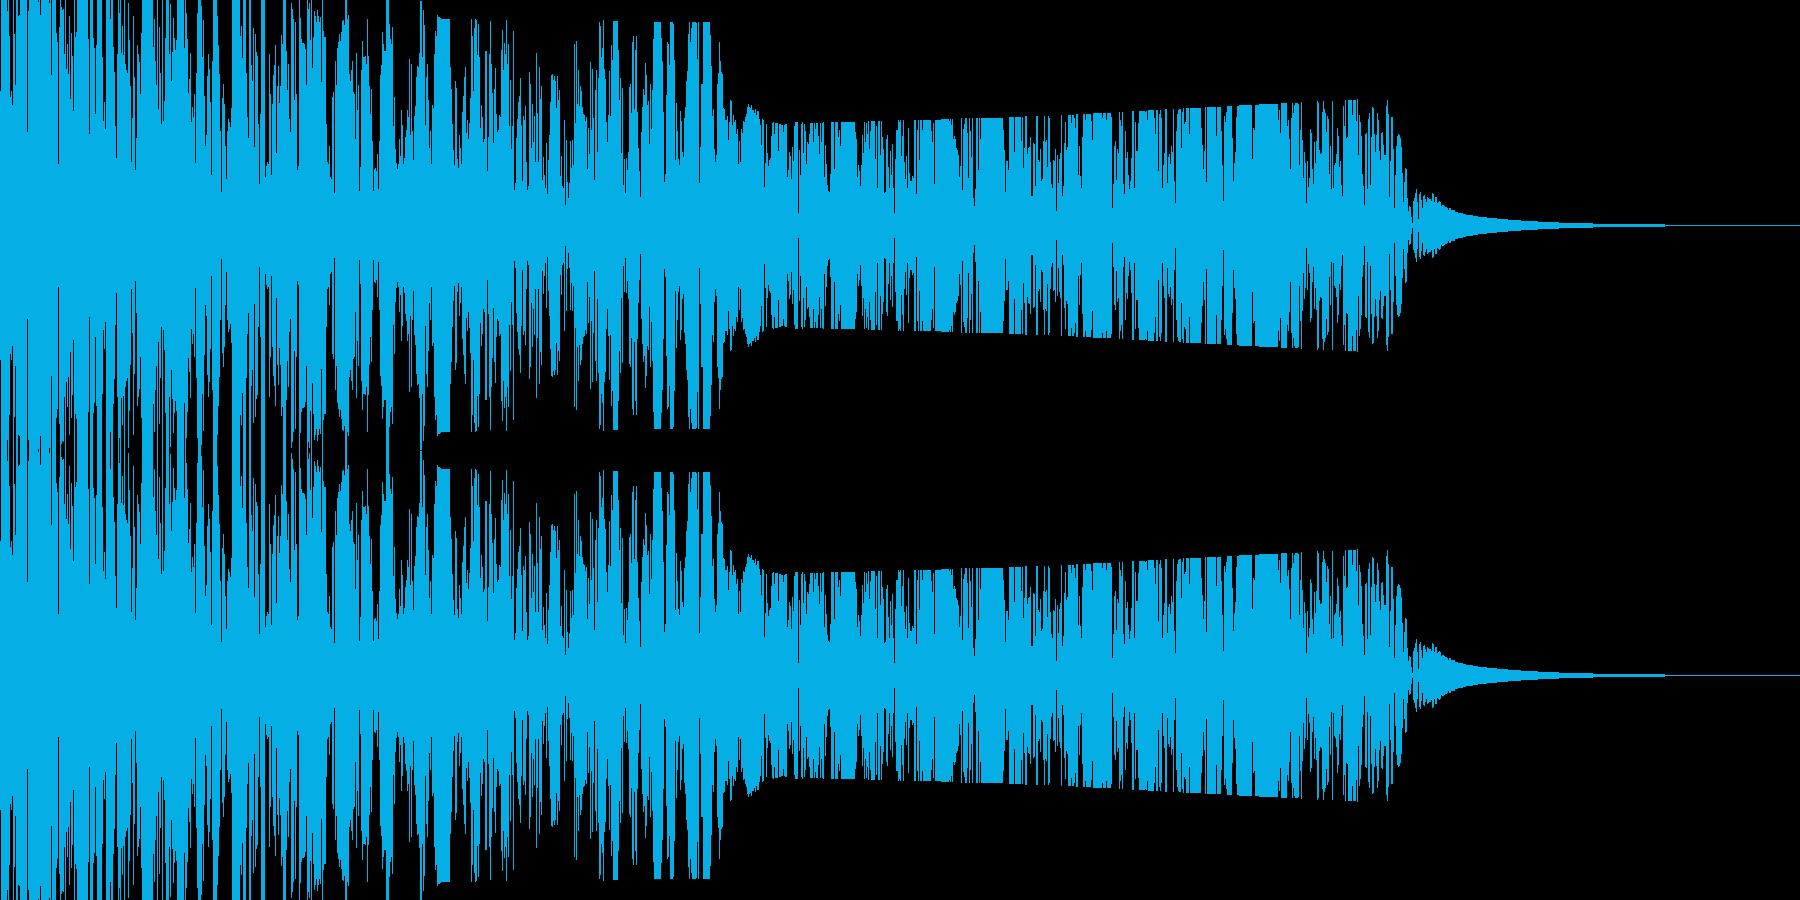 ズバッと斬る_01(刀・刺す・斬撃系)の再生済みの波形